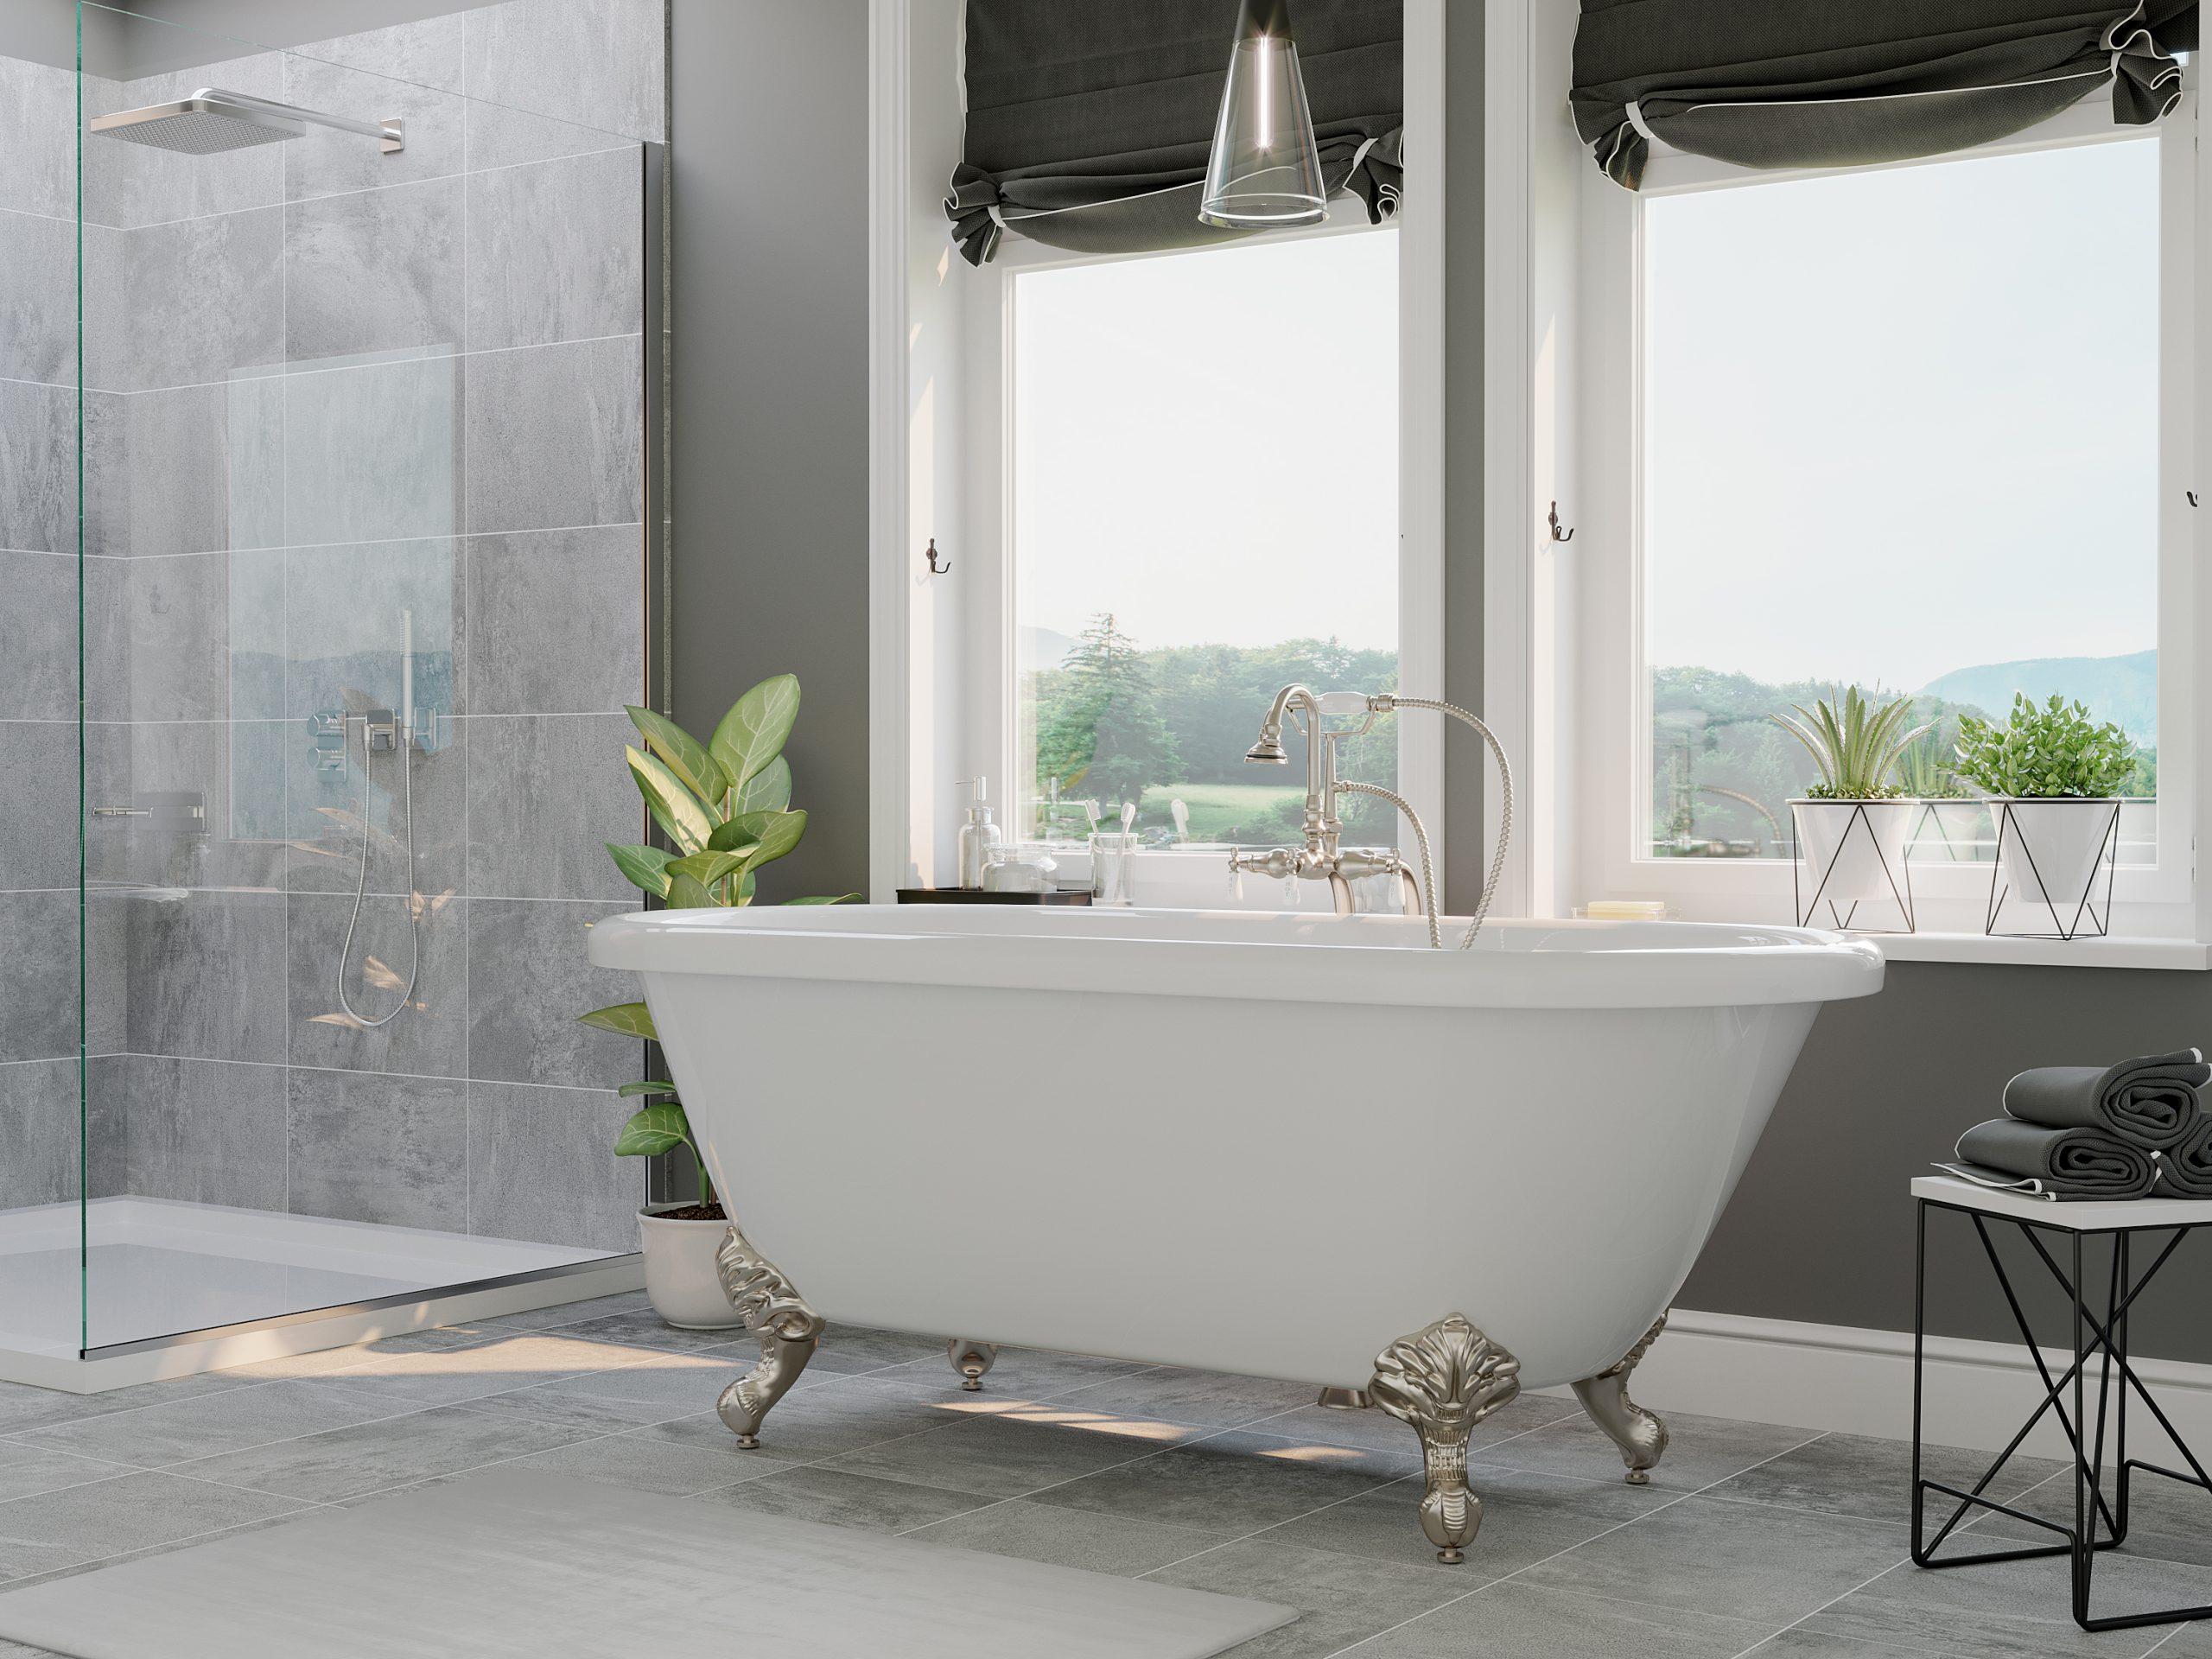 acrylic, double end tub, clawfoot tub,